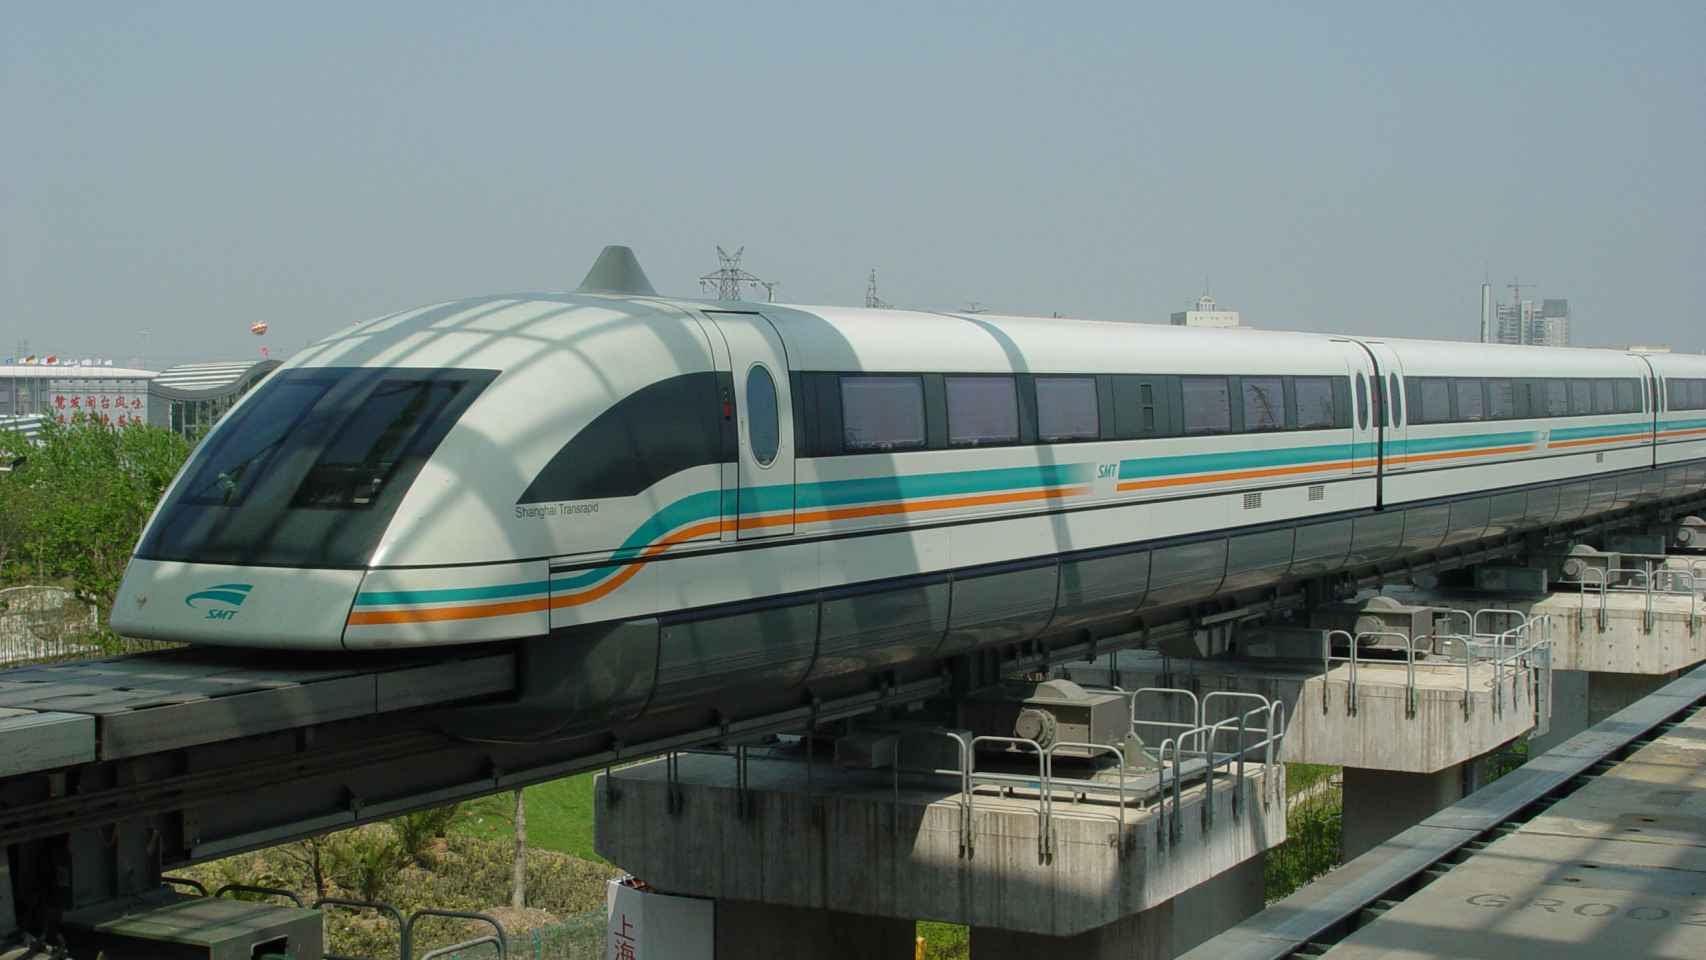 Tren de levitación magnética en Shangái